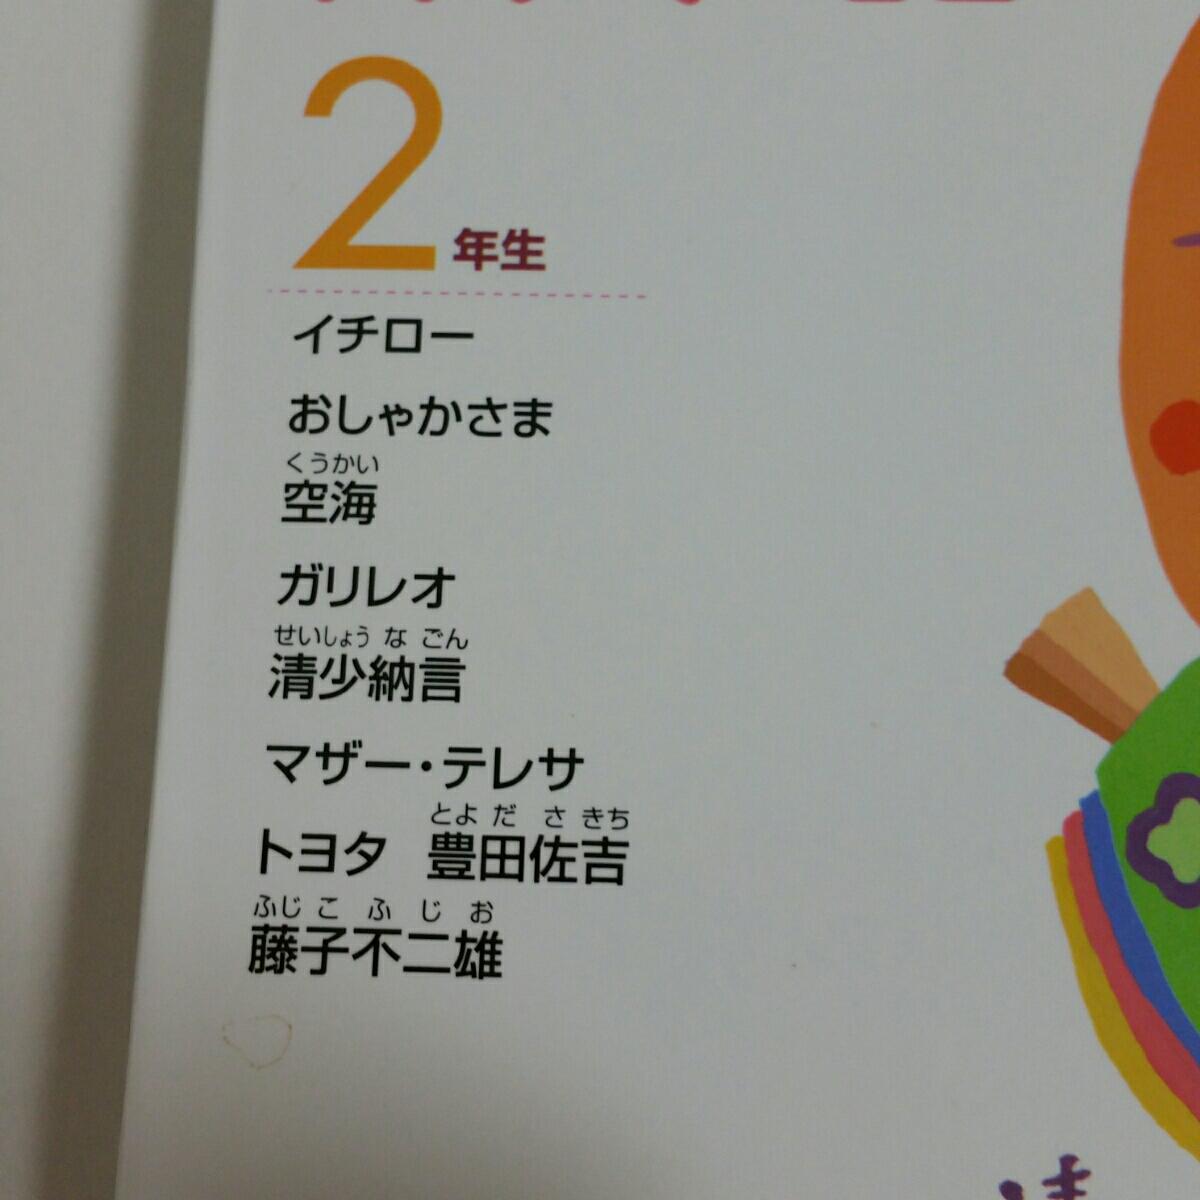 小学2年生親子で読む偉人の話、イチロー、空海、トヨタ豊田佐吉、藤子不二雄など_画像2